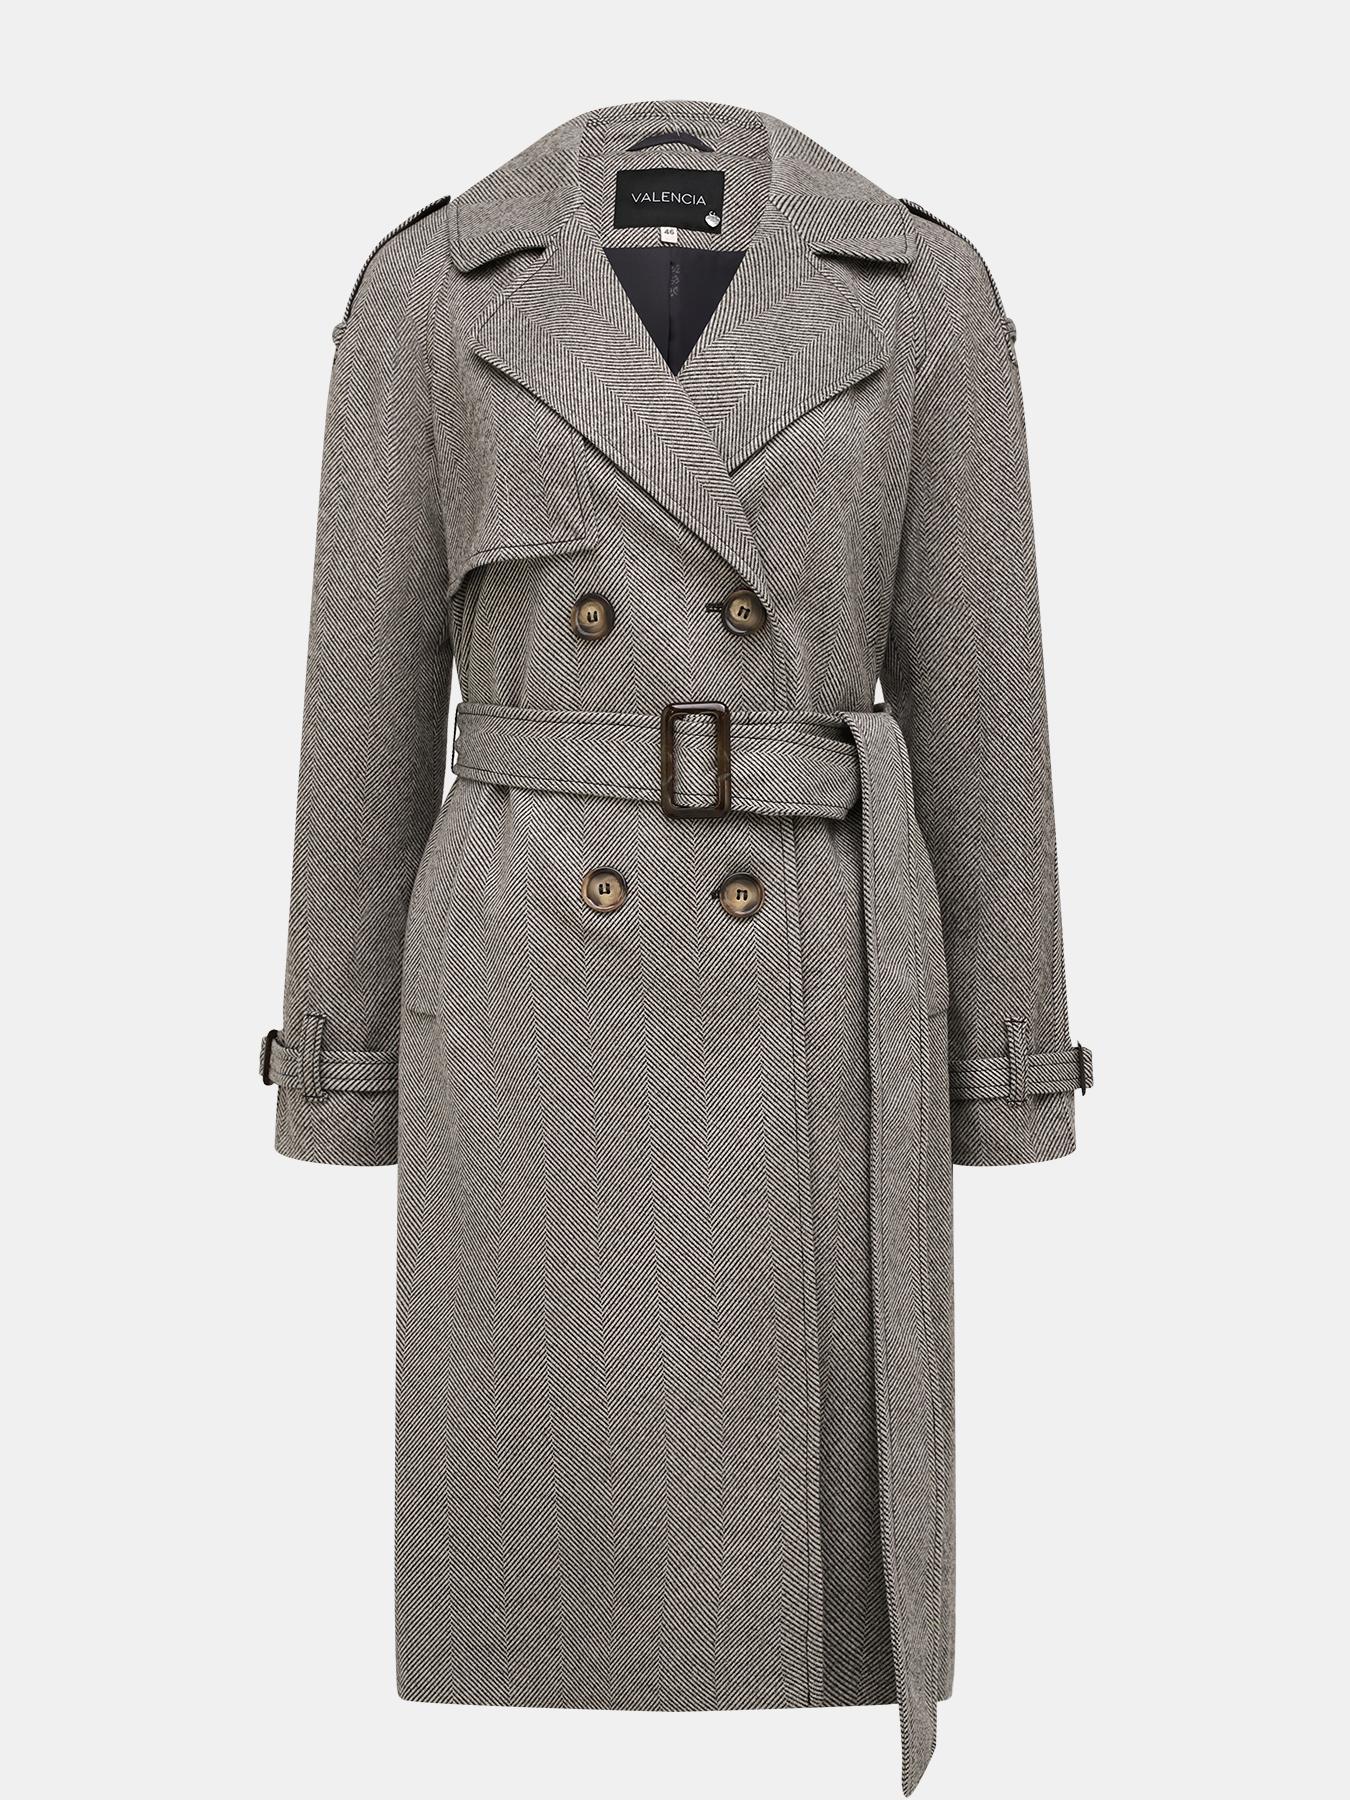 Пальто VALENCIA Пальто фото